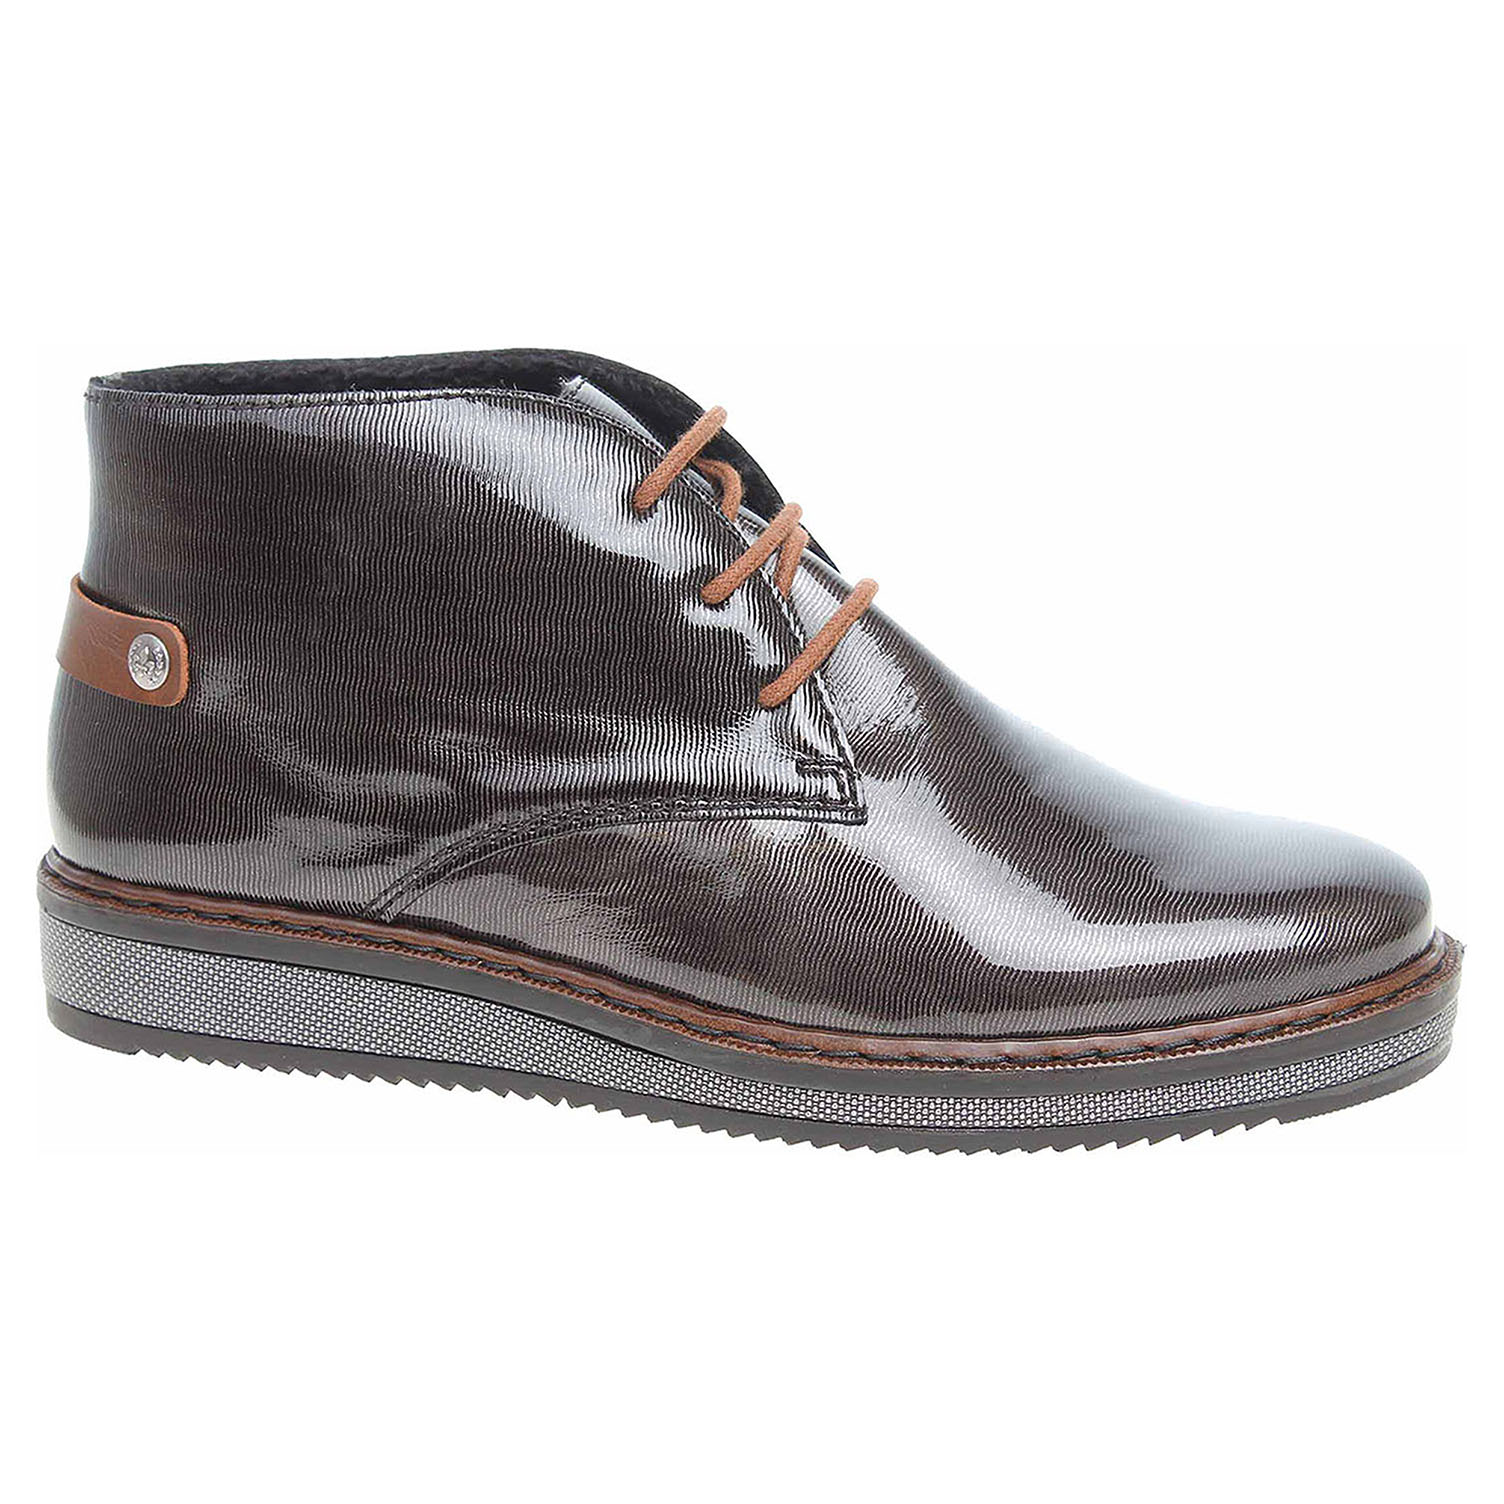 Dámská kotníková obuv Rieker N0330-45 grau N0330-45 39